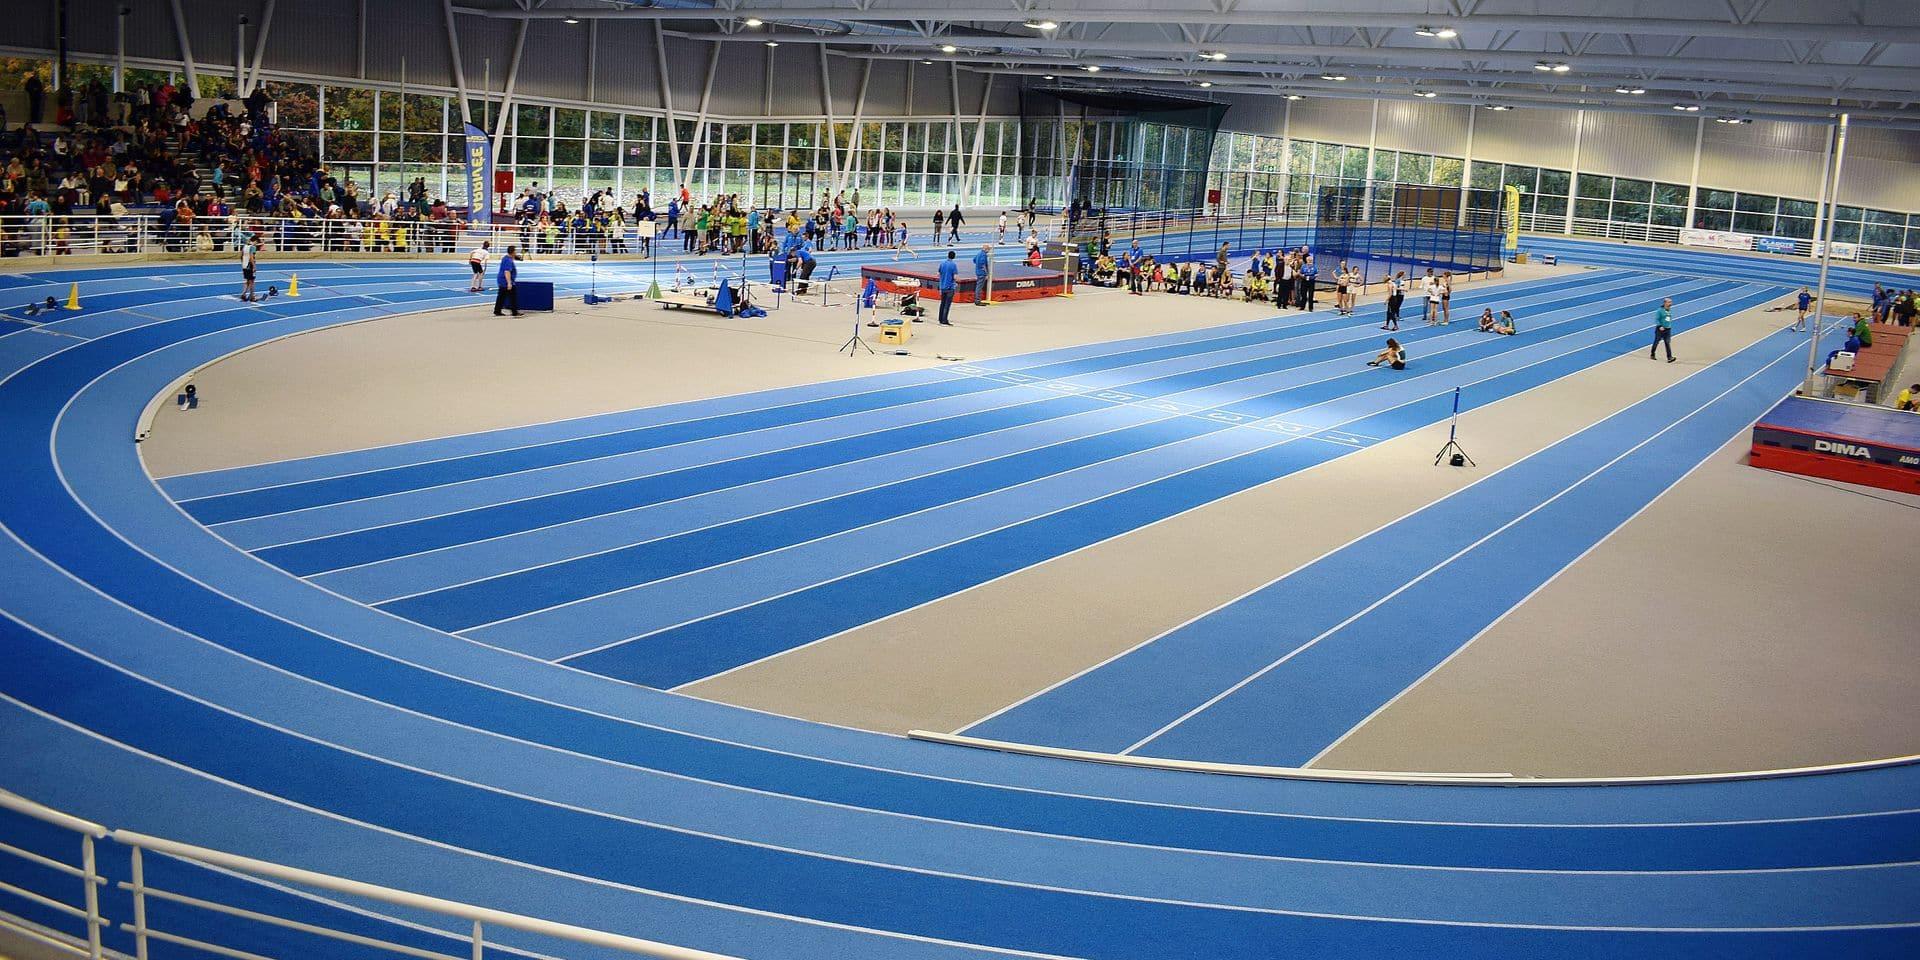 Le nouveau hall d'athlétisme de Louvain-la-Neuve a accueilli sa première compétition